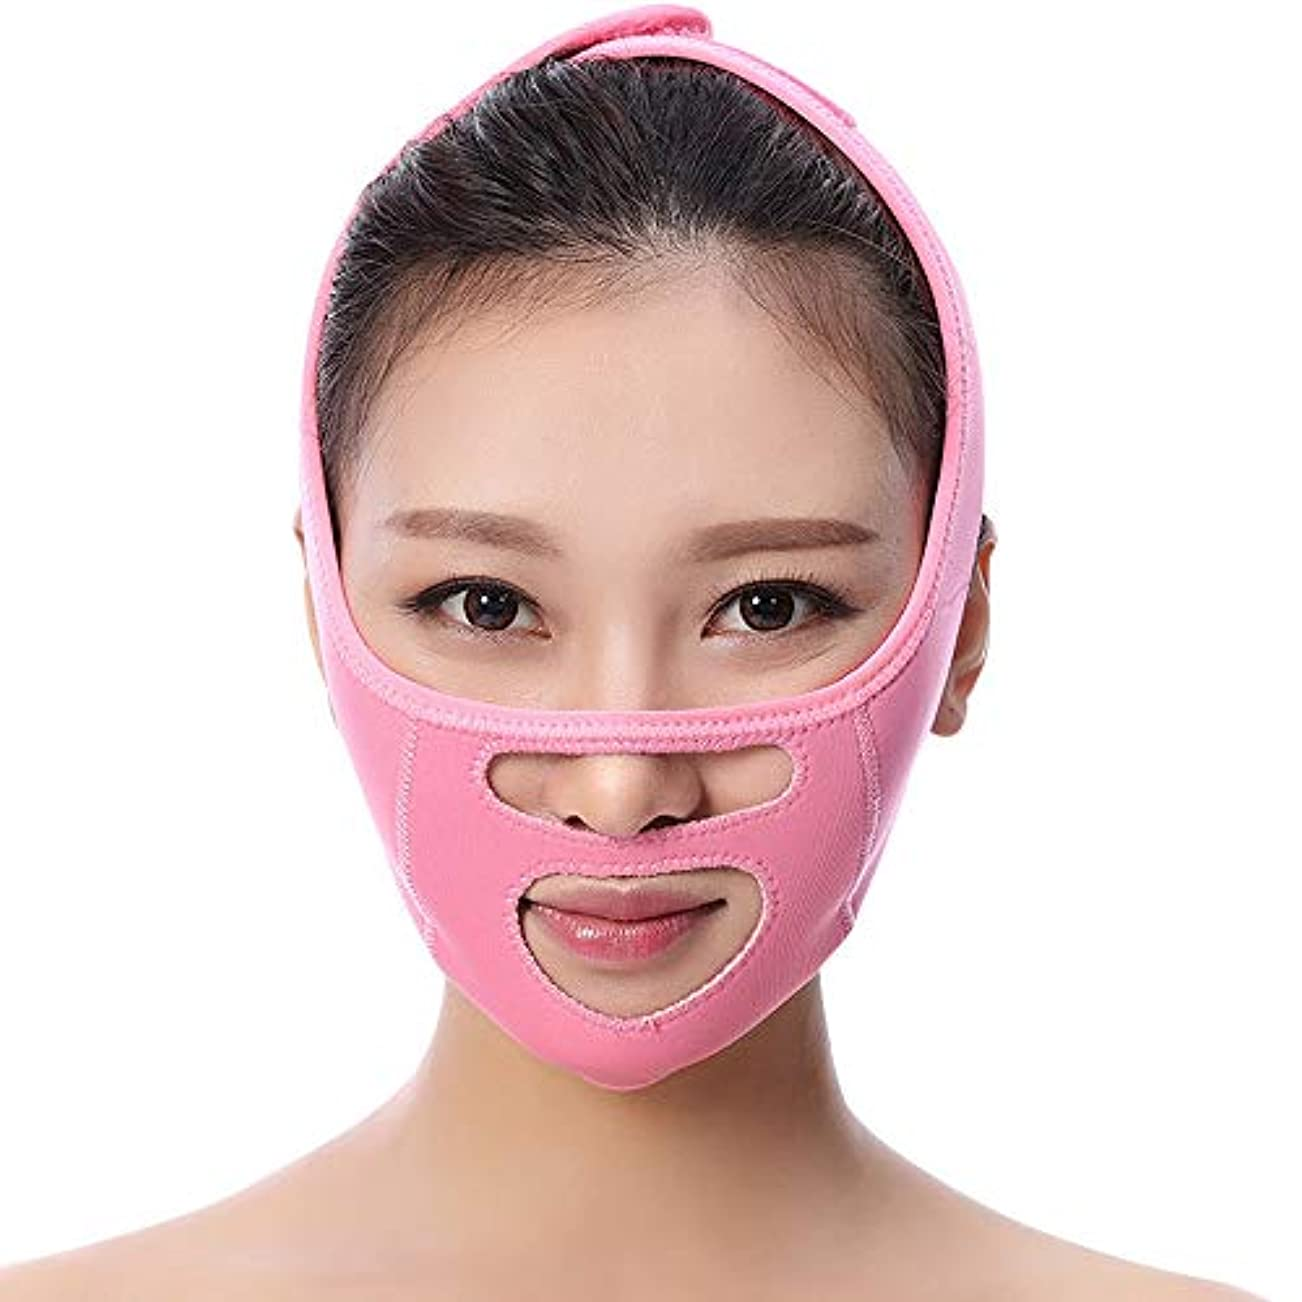 永続明日どれフェイスリフトマスク、睡眠薄型フェイスベルトリフティングパーマネントビューティーvフェイスバンデージダブルチンアーチファクト,Pink